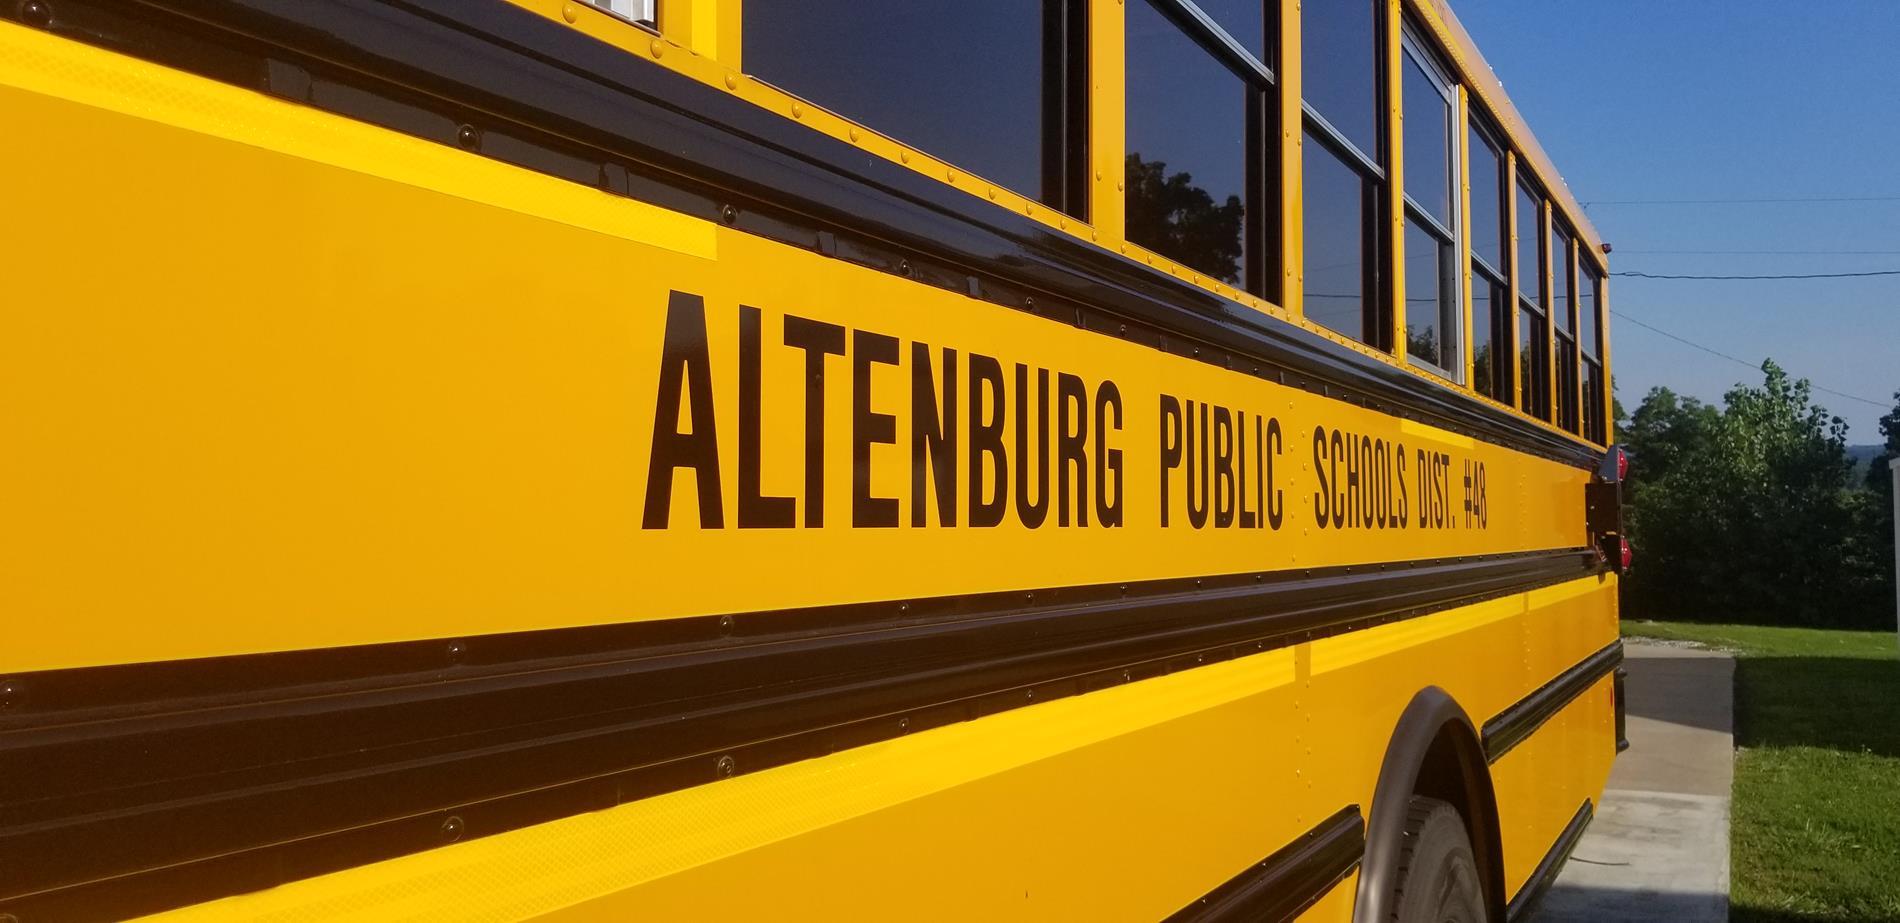 Altenburg Public School Bus